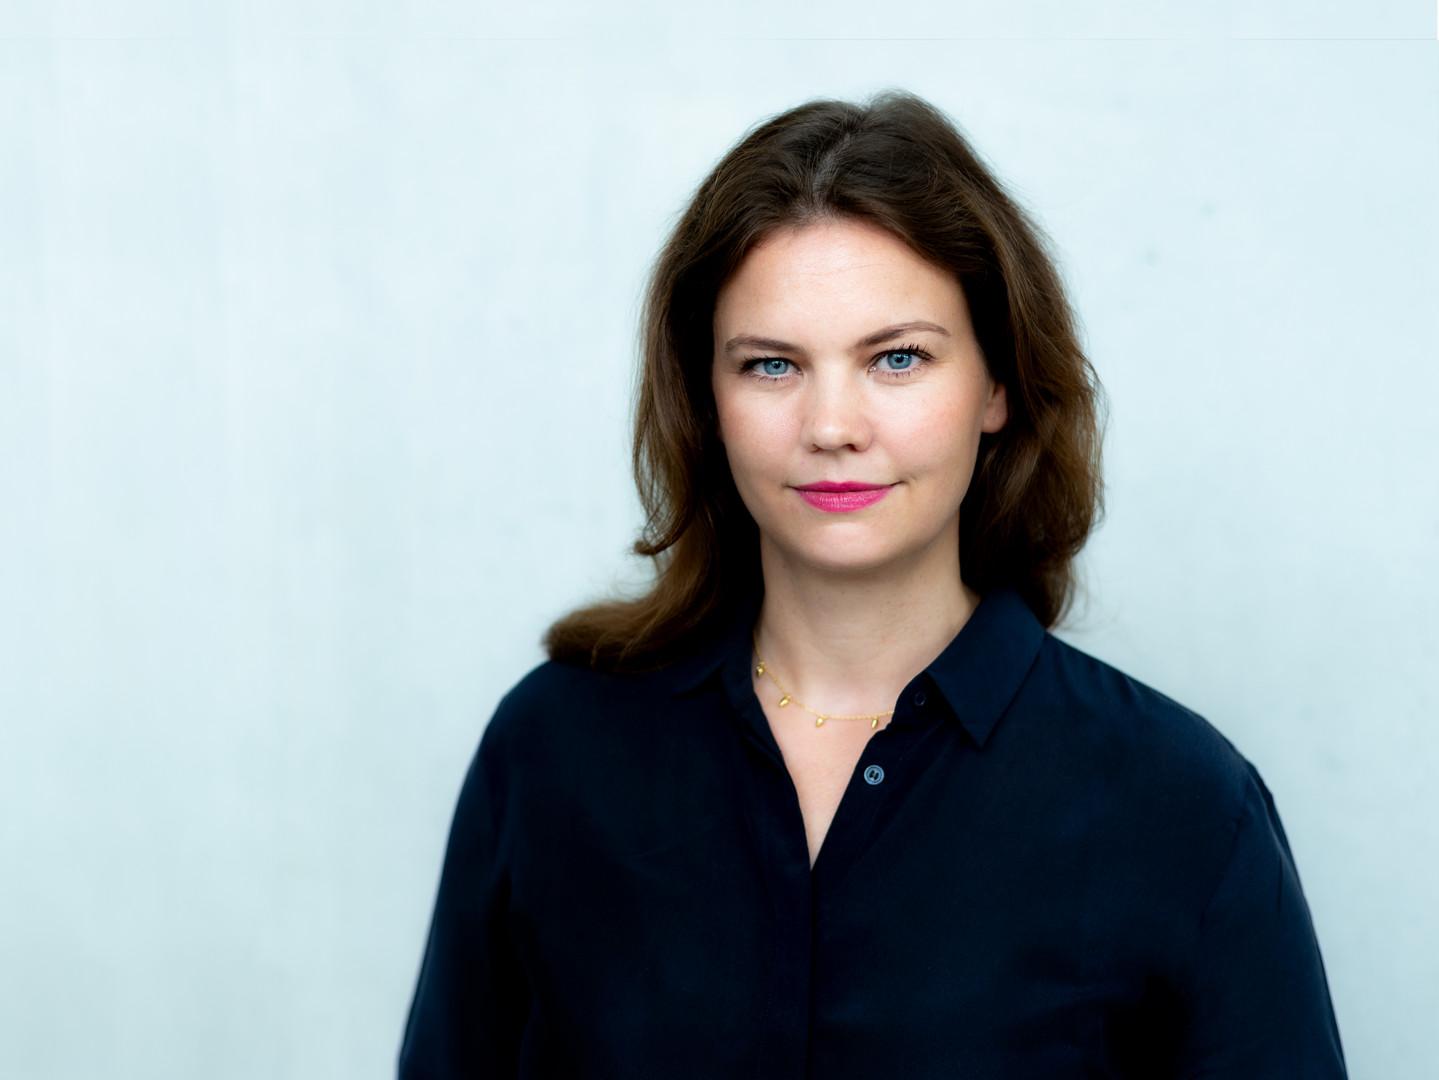 Jana Laubrock